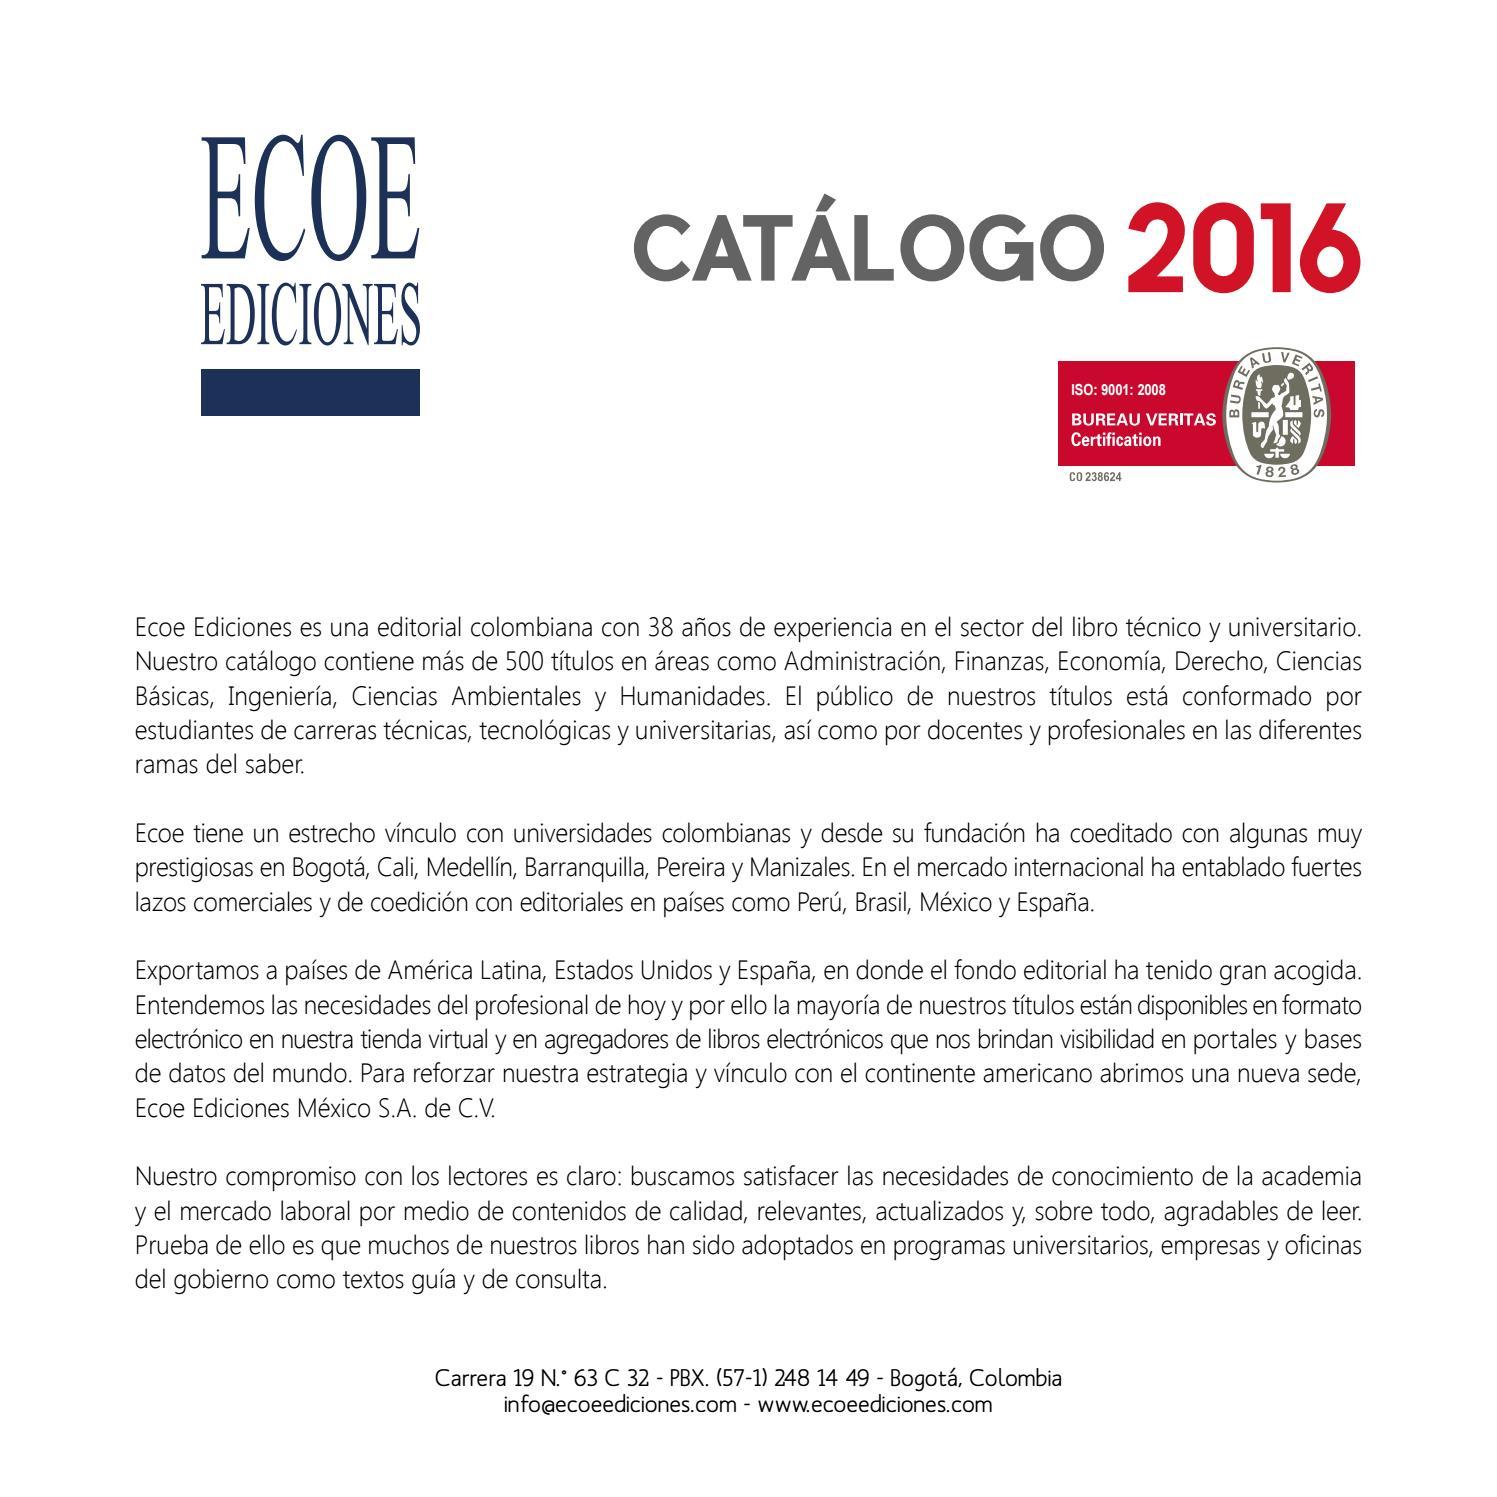 Catálogo 2016 ecoe ediciones by Editorial Ecoe Ediciones - http ...